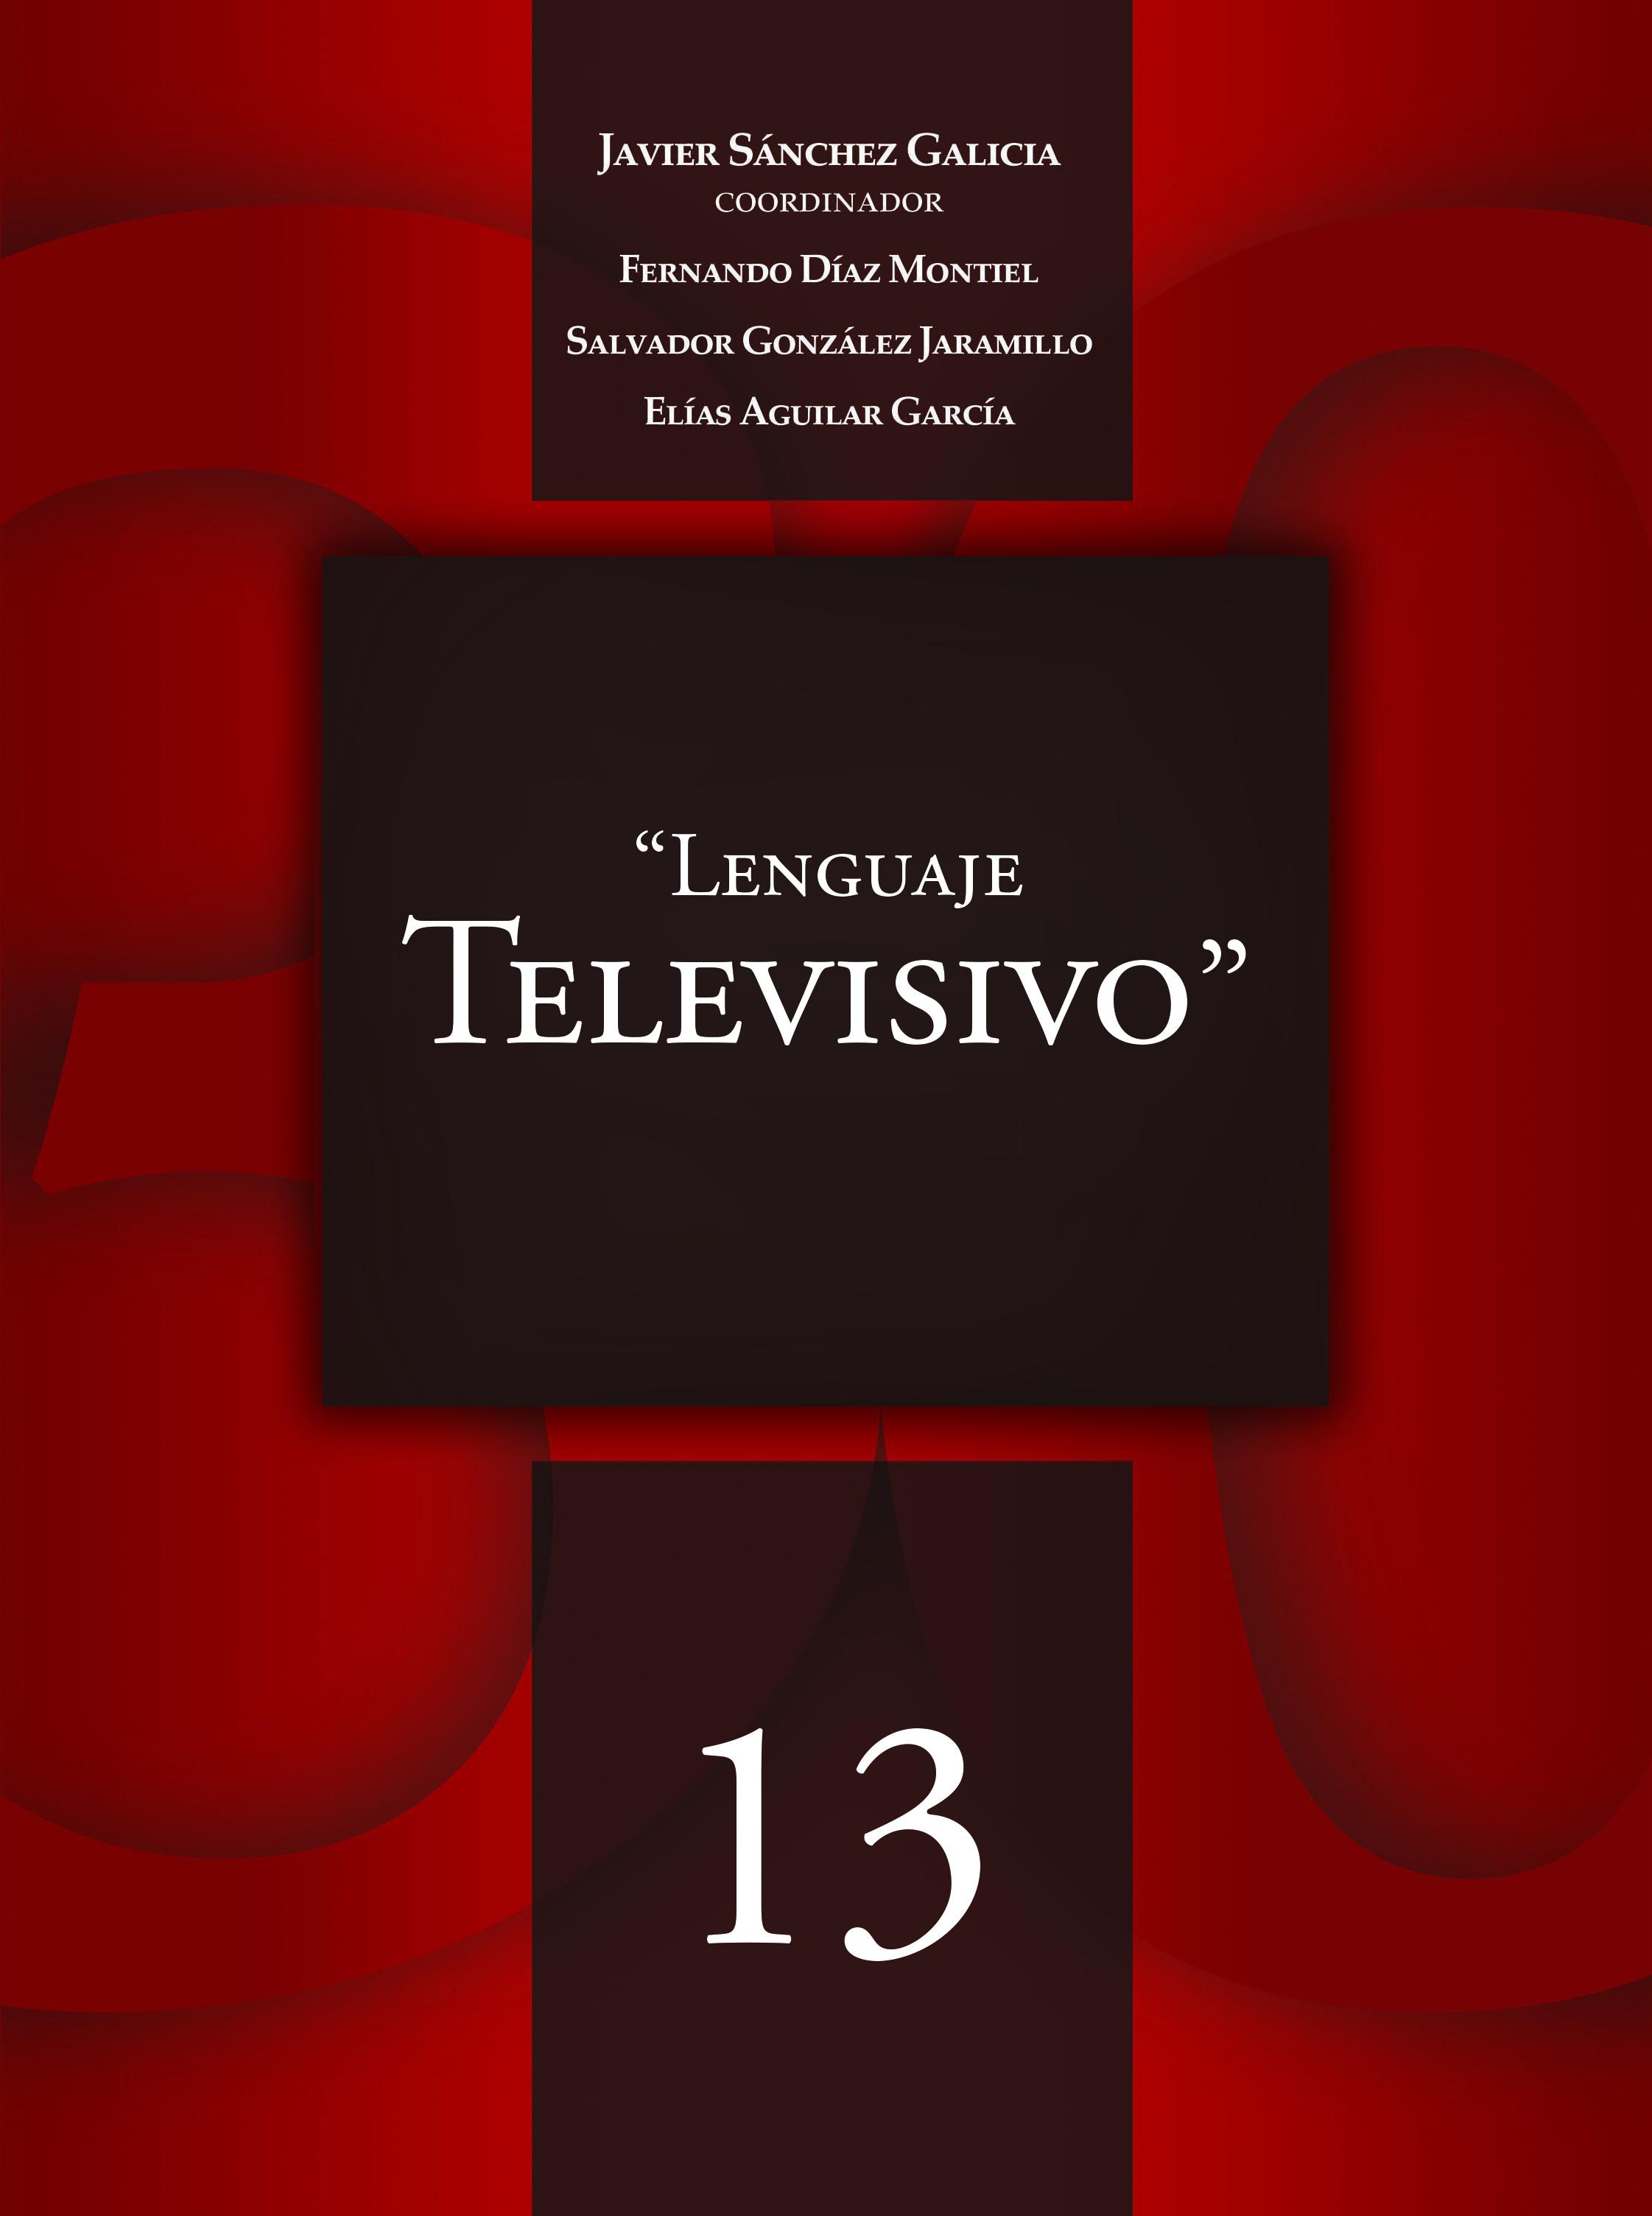 Artículos 30 Claves – 13 Lenguaje Televisivo